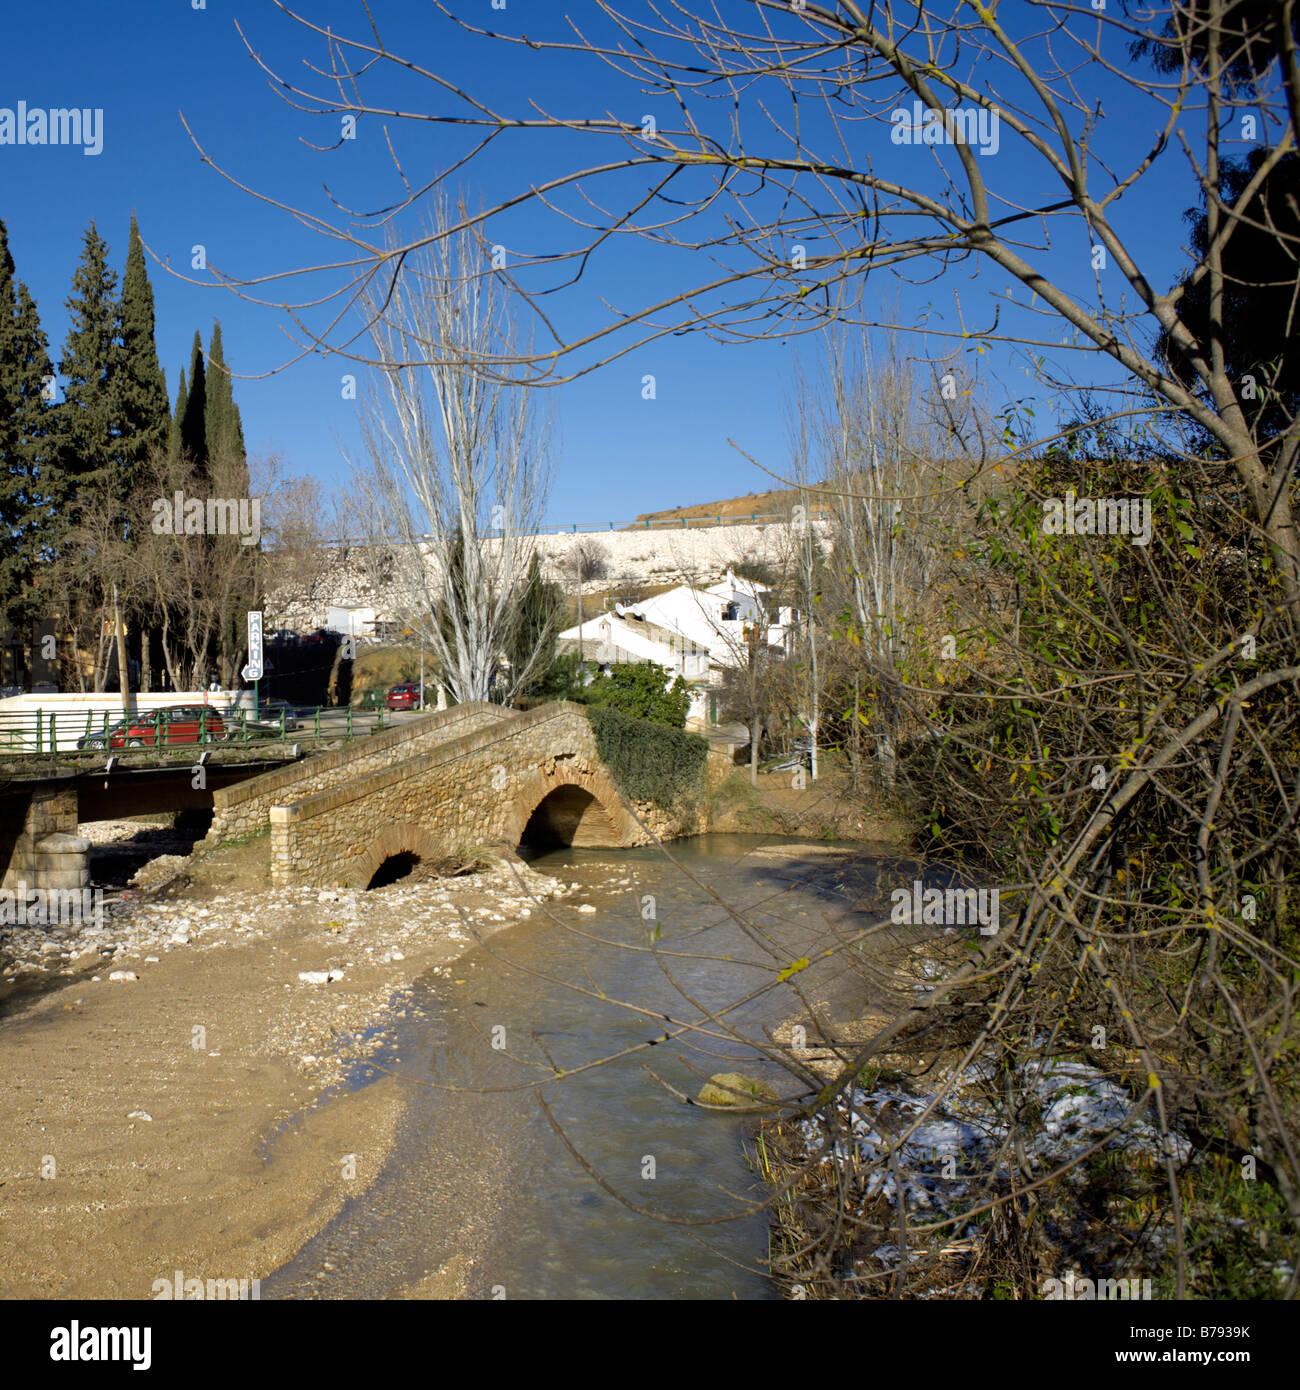 Old sixteenth century footbridge bridge over the river Rio Frio, Riofrio, Andalucia, Spain - Stock Image